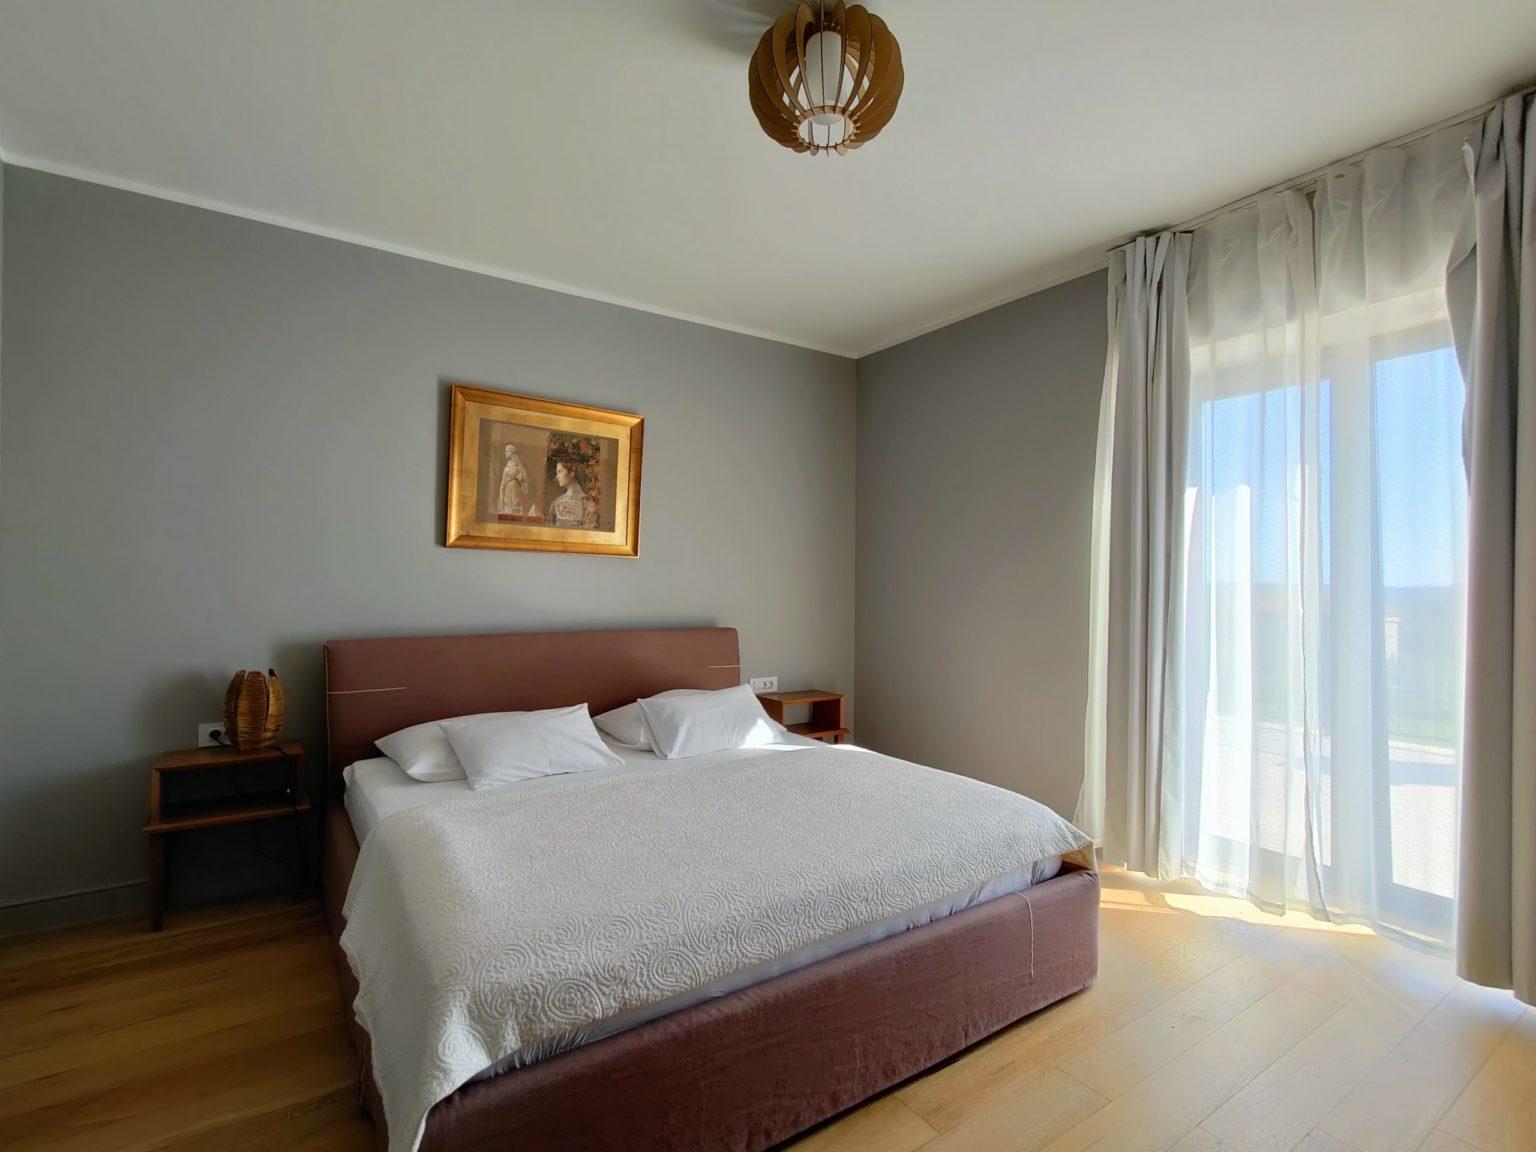 hochzeitslocation Kroatien location hochzeit heiraten 18 4 scaled - Moderne Villa